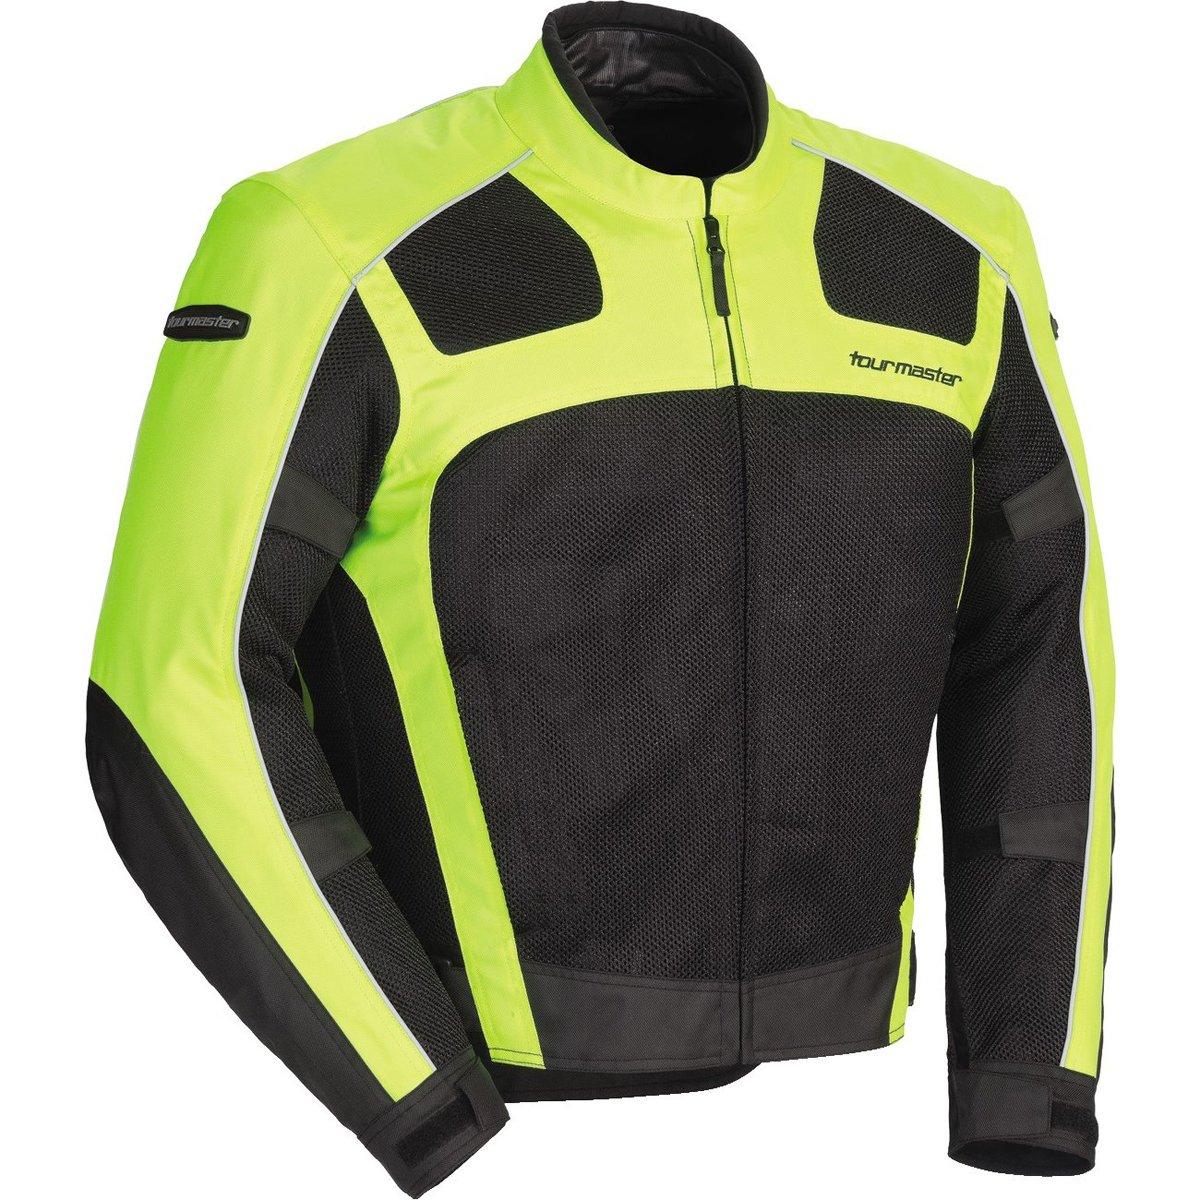 Tour Master Draft Air Series 3 Men's Textile Sports Bike Racing Motorcycle Jacket - Hi-Viz/Black / X-Large